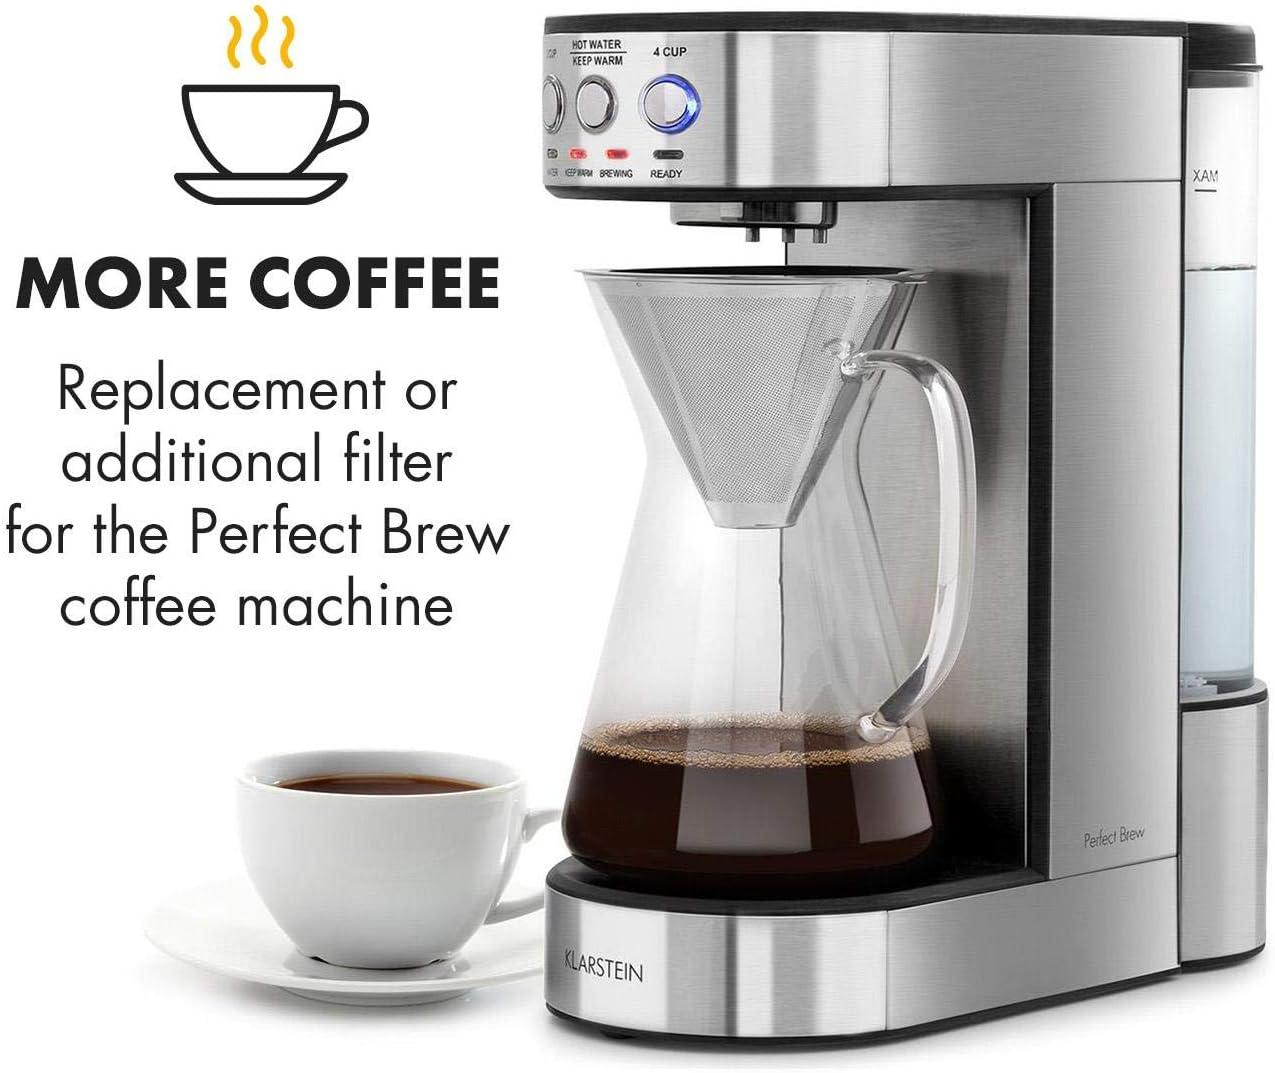 inox Klarstein Perfect Brew Filtre /à caf/é Accessoire de rechange cafeti/ère